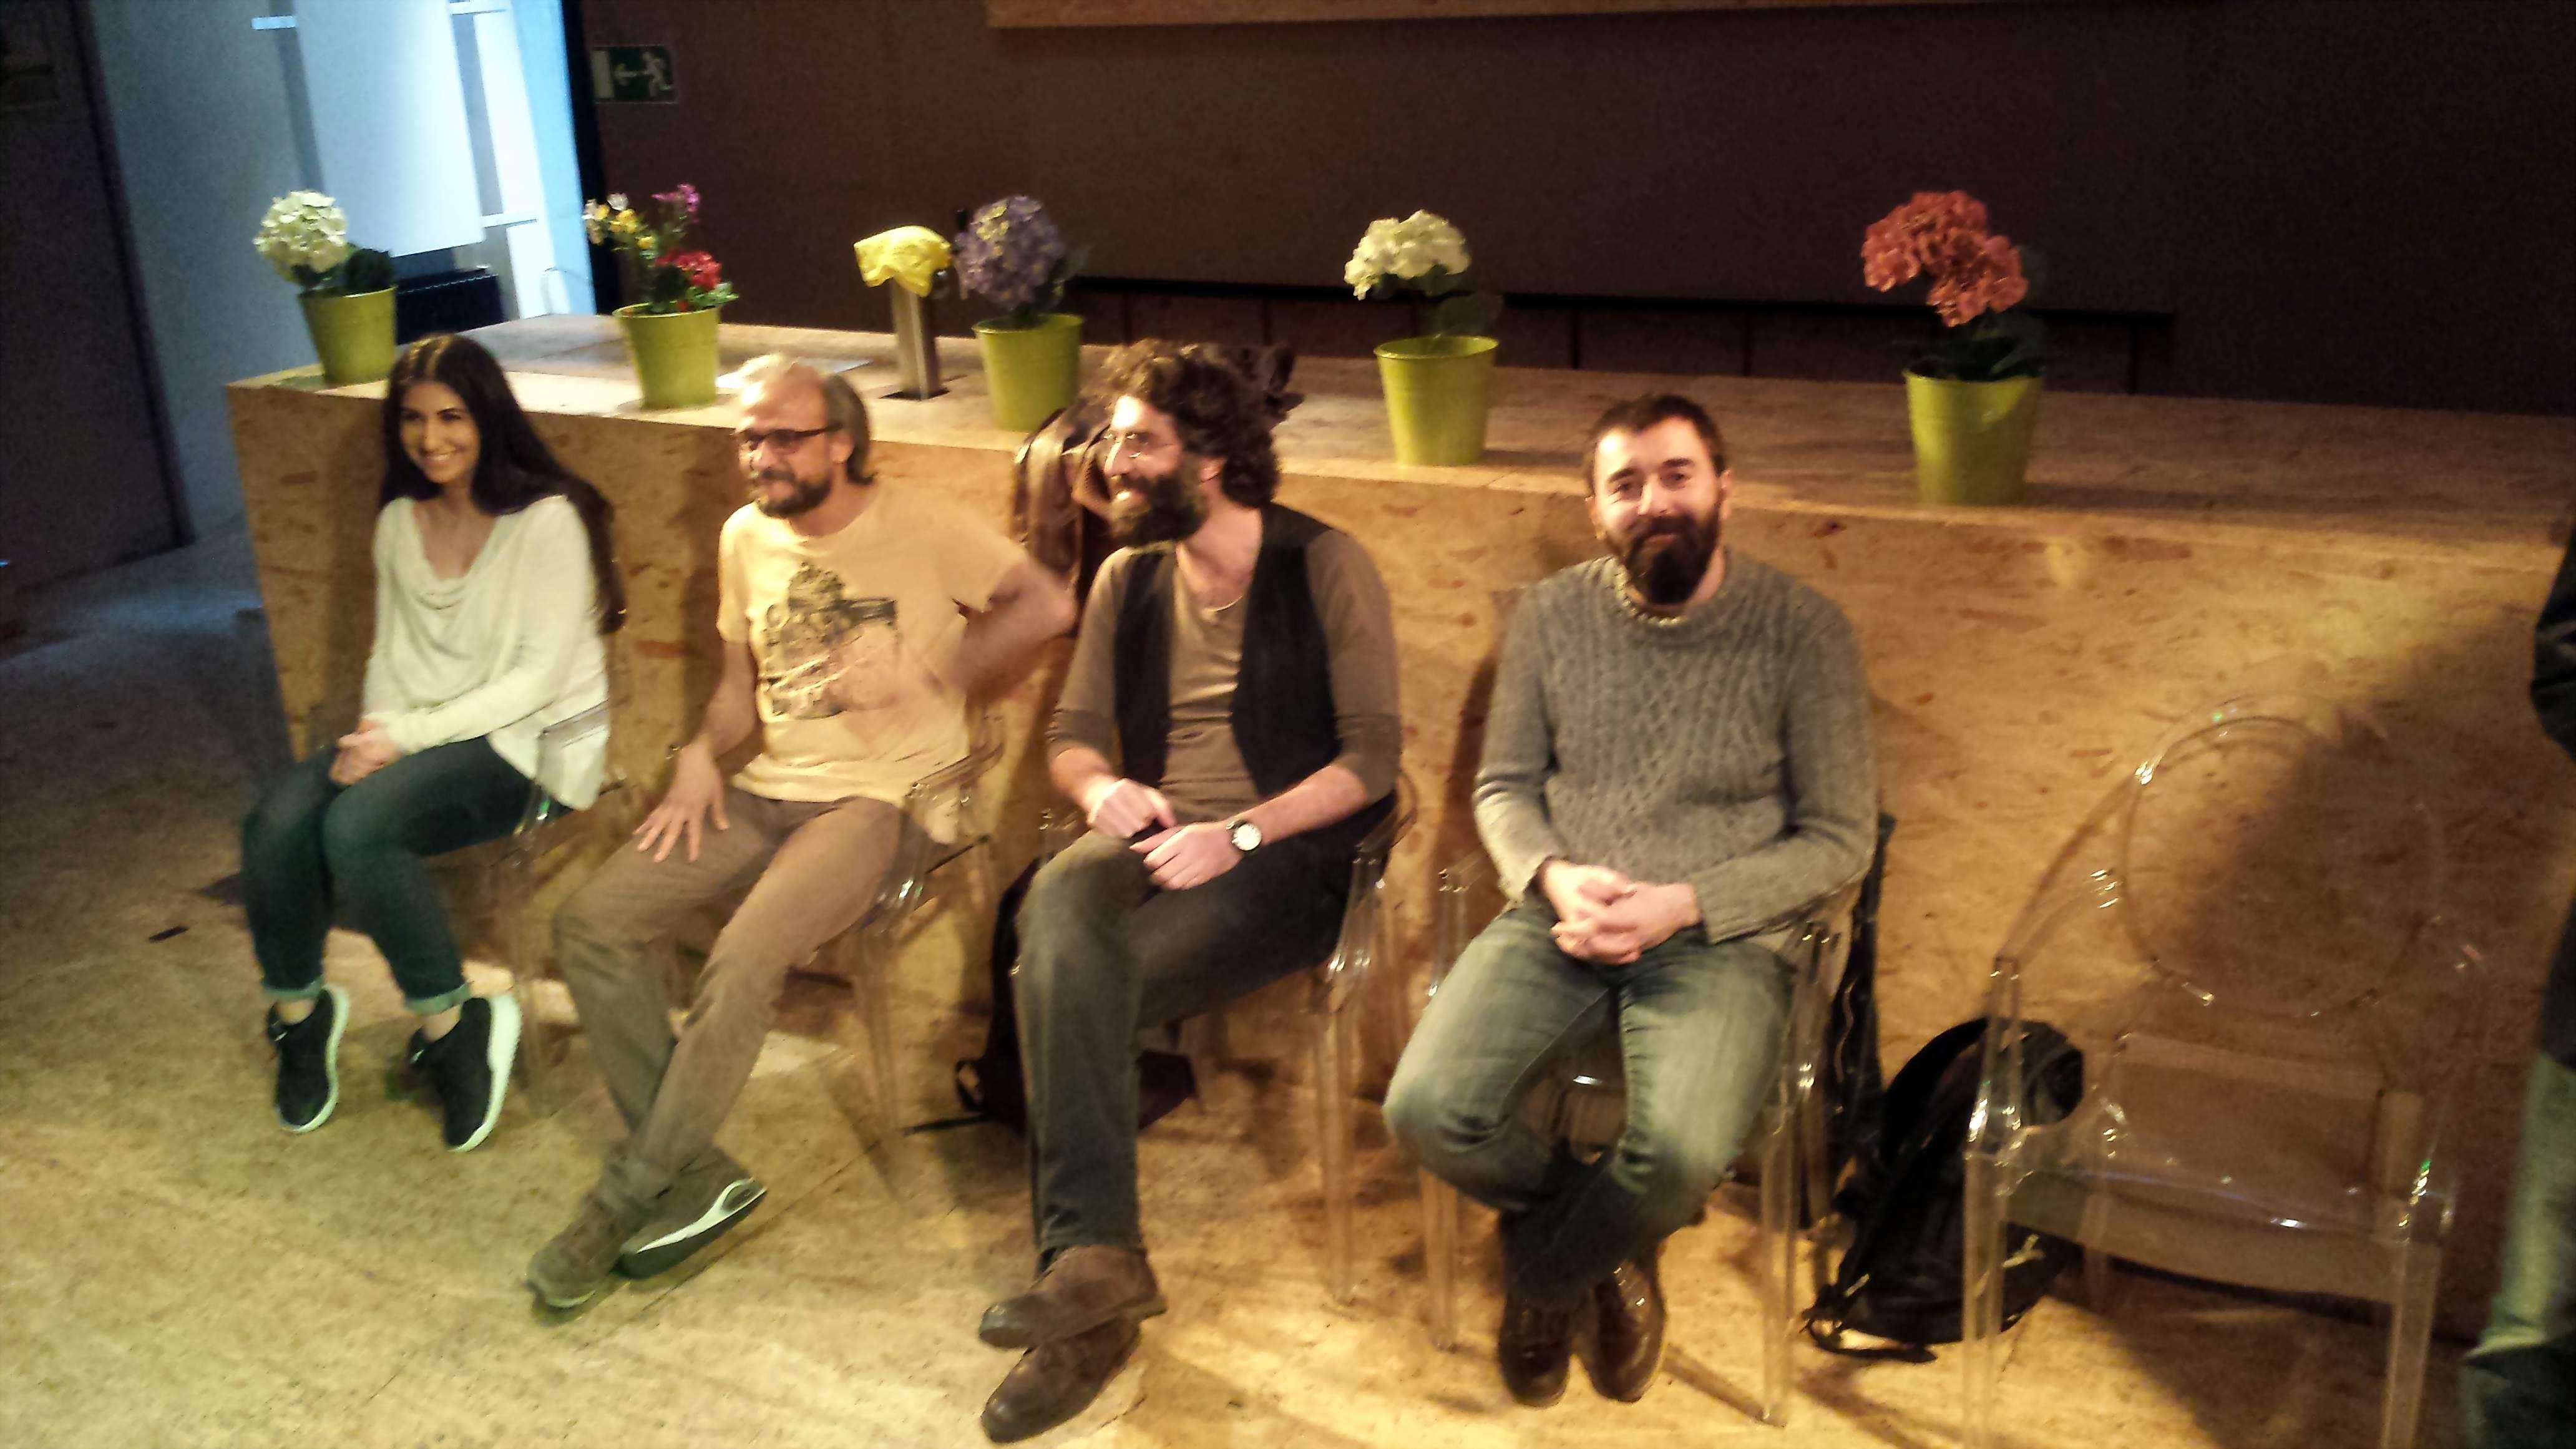 Gesprächsrunde im Anschluss an die Aufführung. Cem Uslu, Mirza Metin, Sermit Yeşil und die Dolmetscherin (v.r.n.l.); Foto: C.-D. Stille